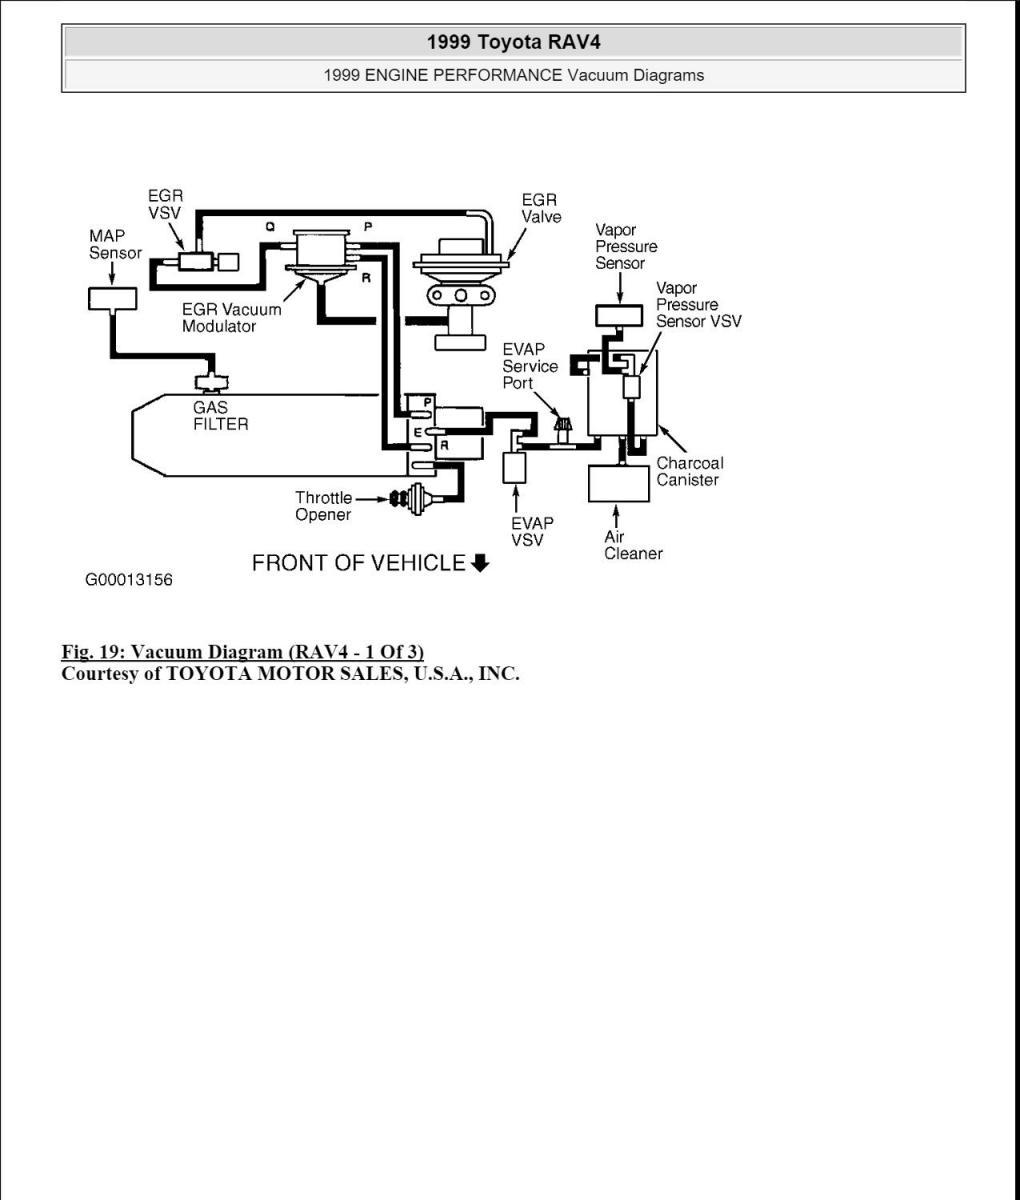 Rav4 Engine Diagram - Wiring Diagram